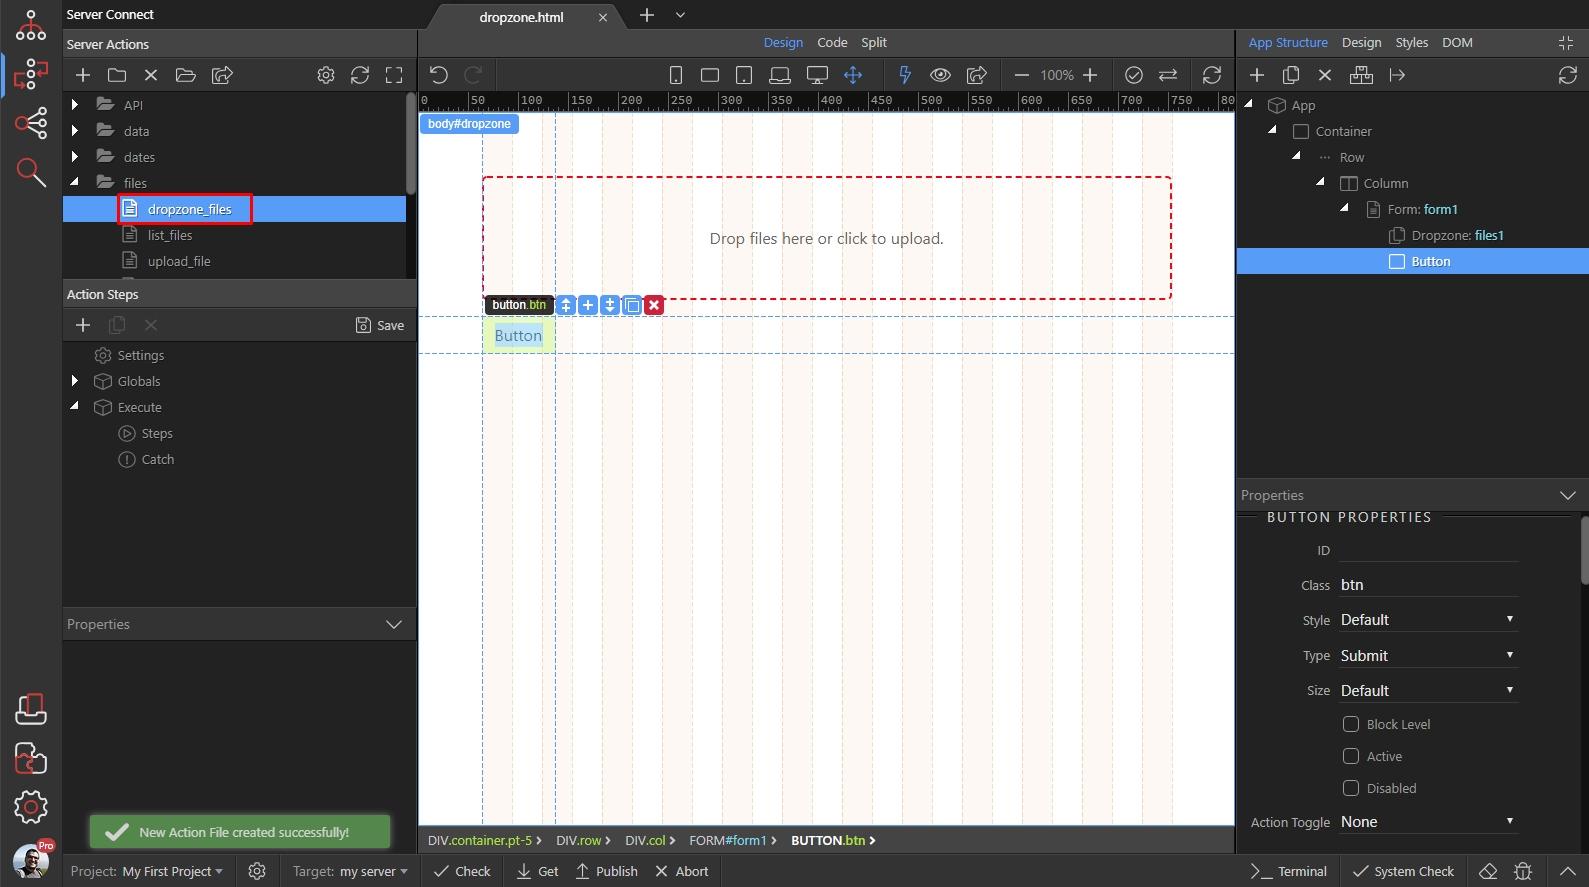 Dropzone Remove File